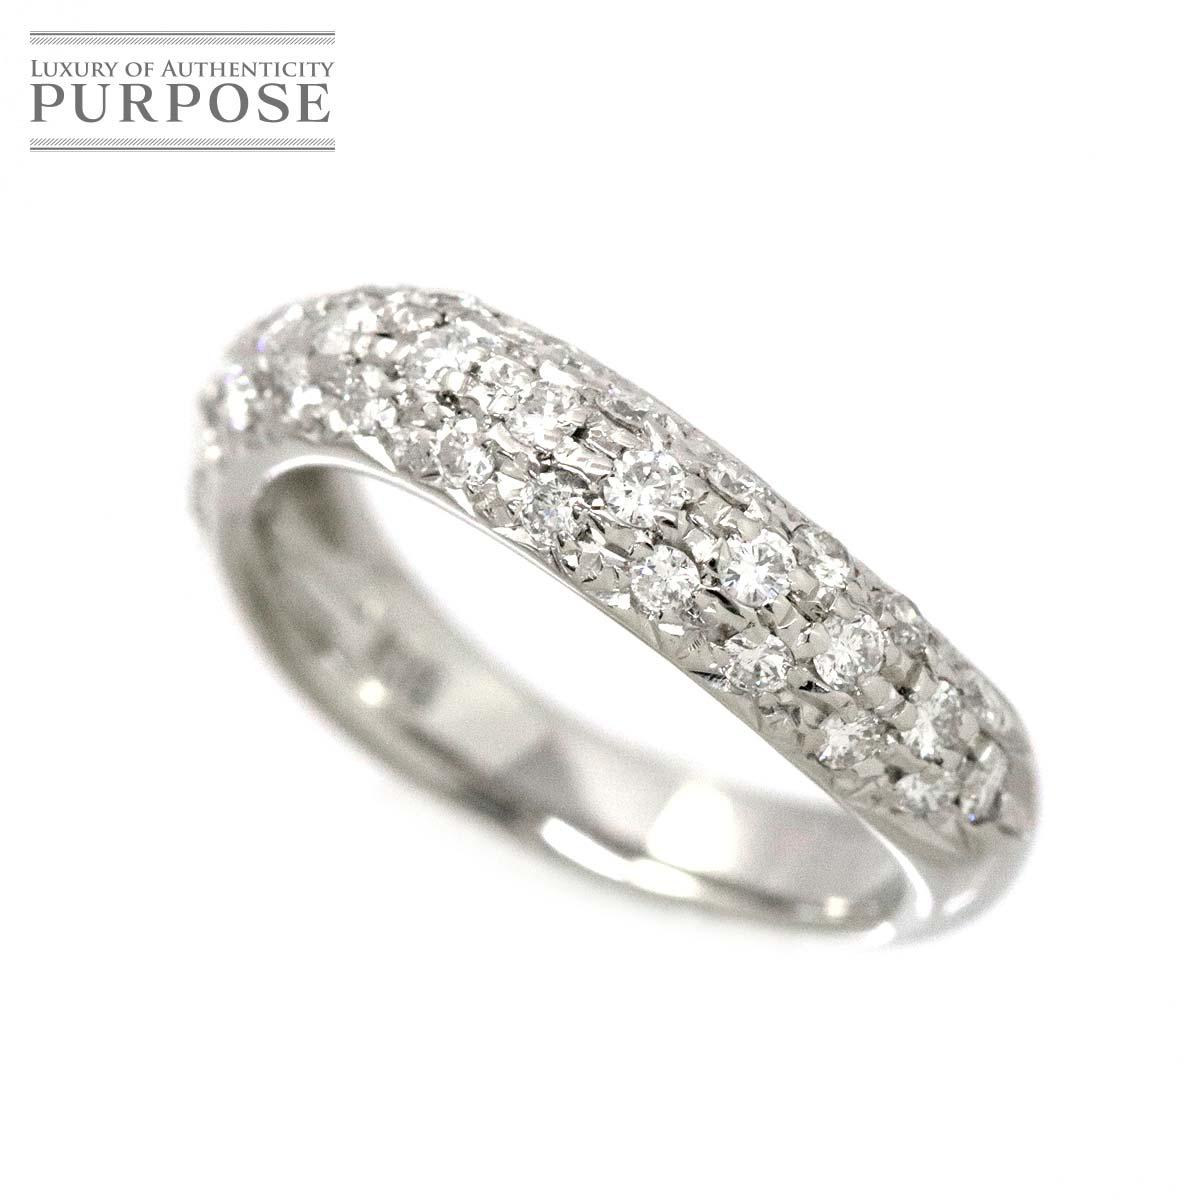 【新品仕上げ】 ダイヤ 0.41ct K18WG リング 4号 ピンキー 18金ホワイトゴールド ダイア 指輪 【中古】